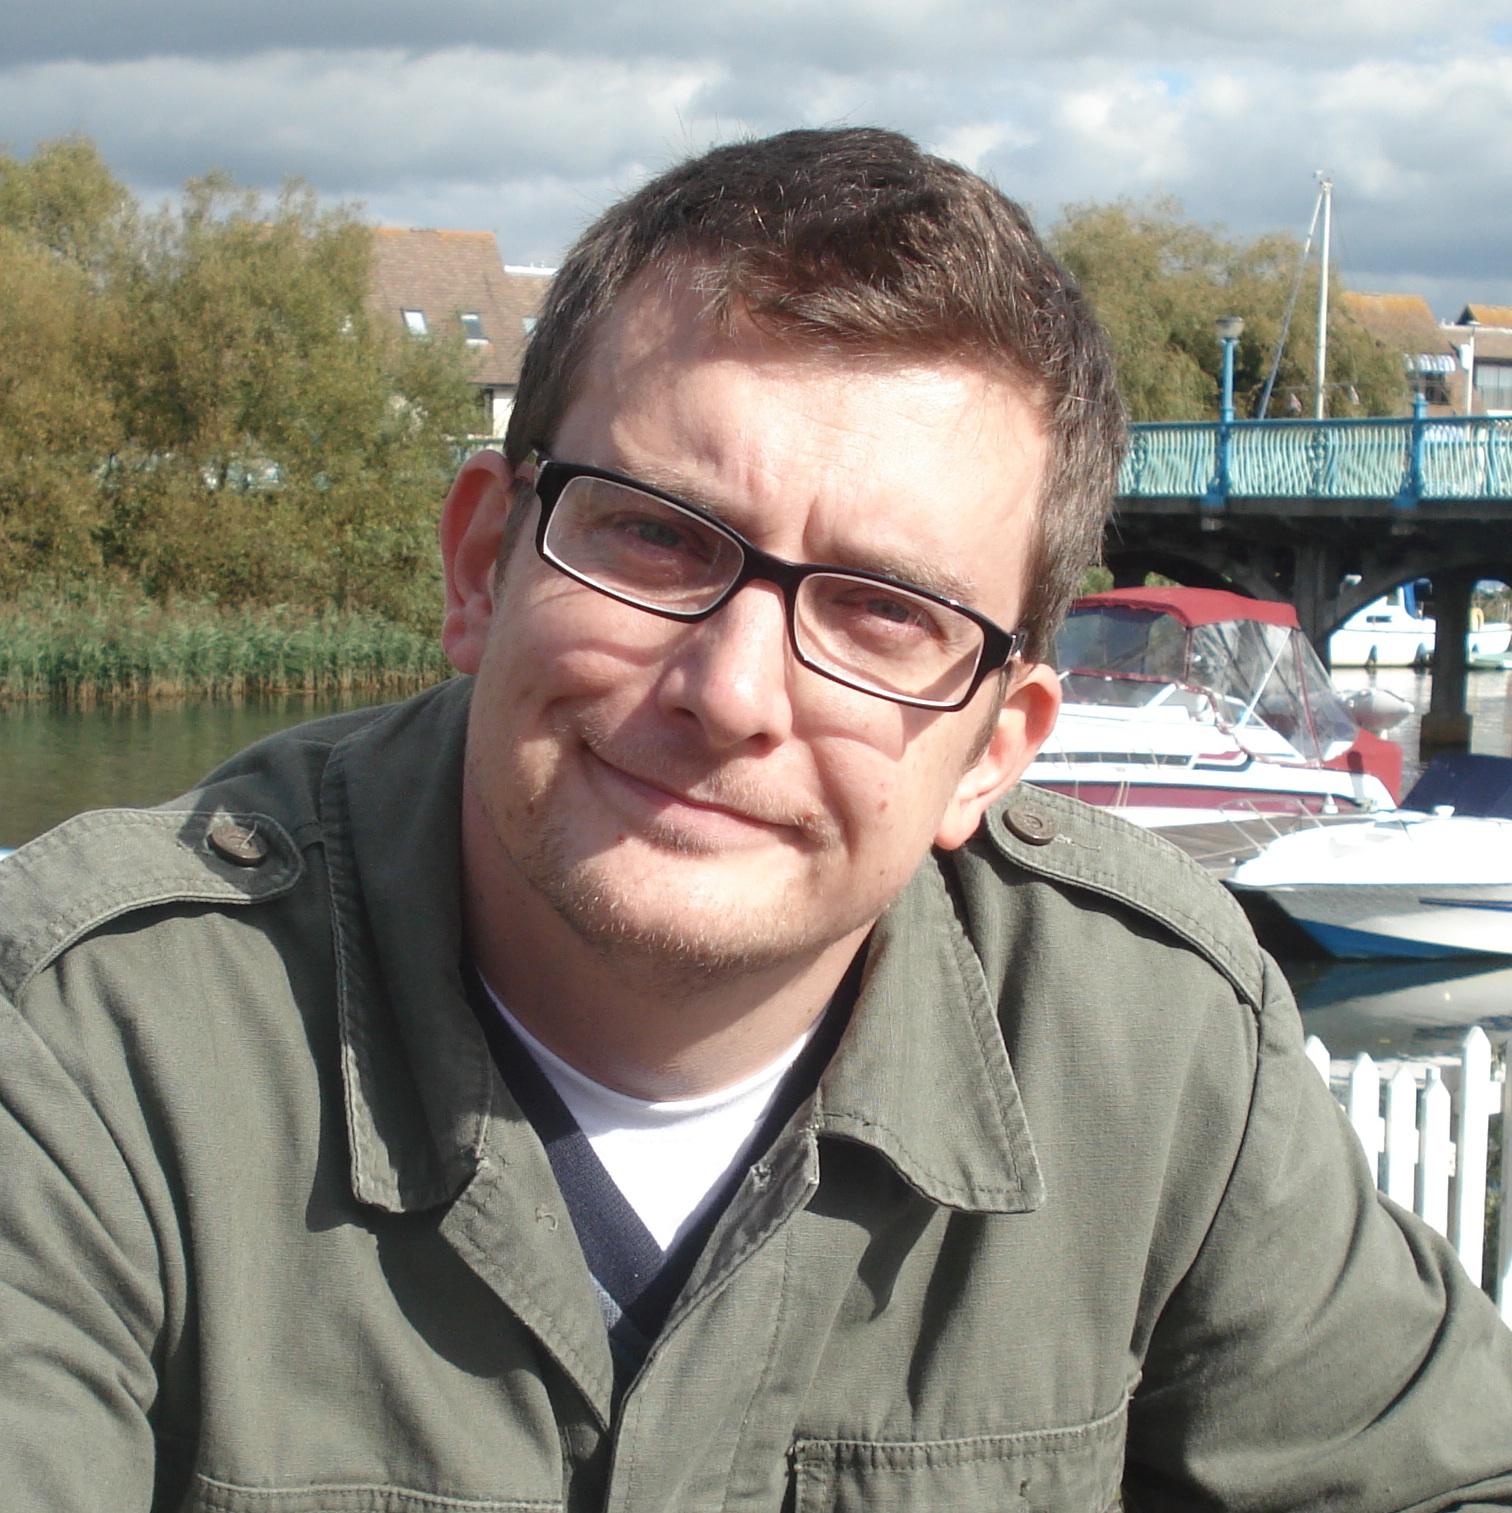 Dominic Carver